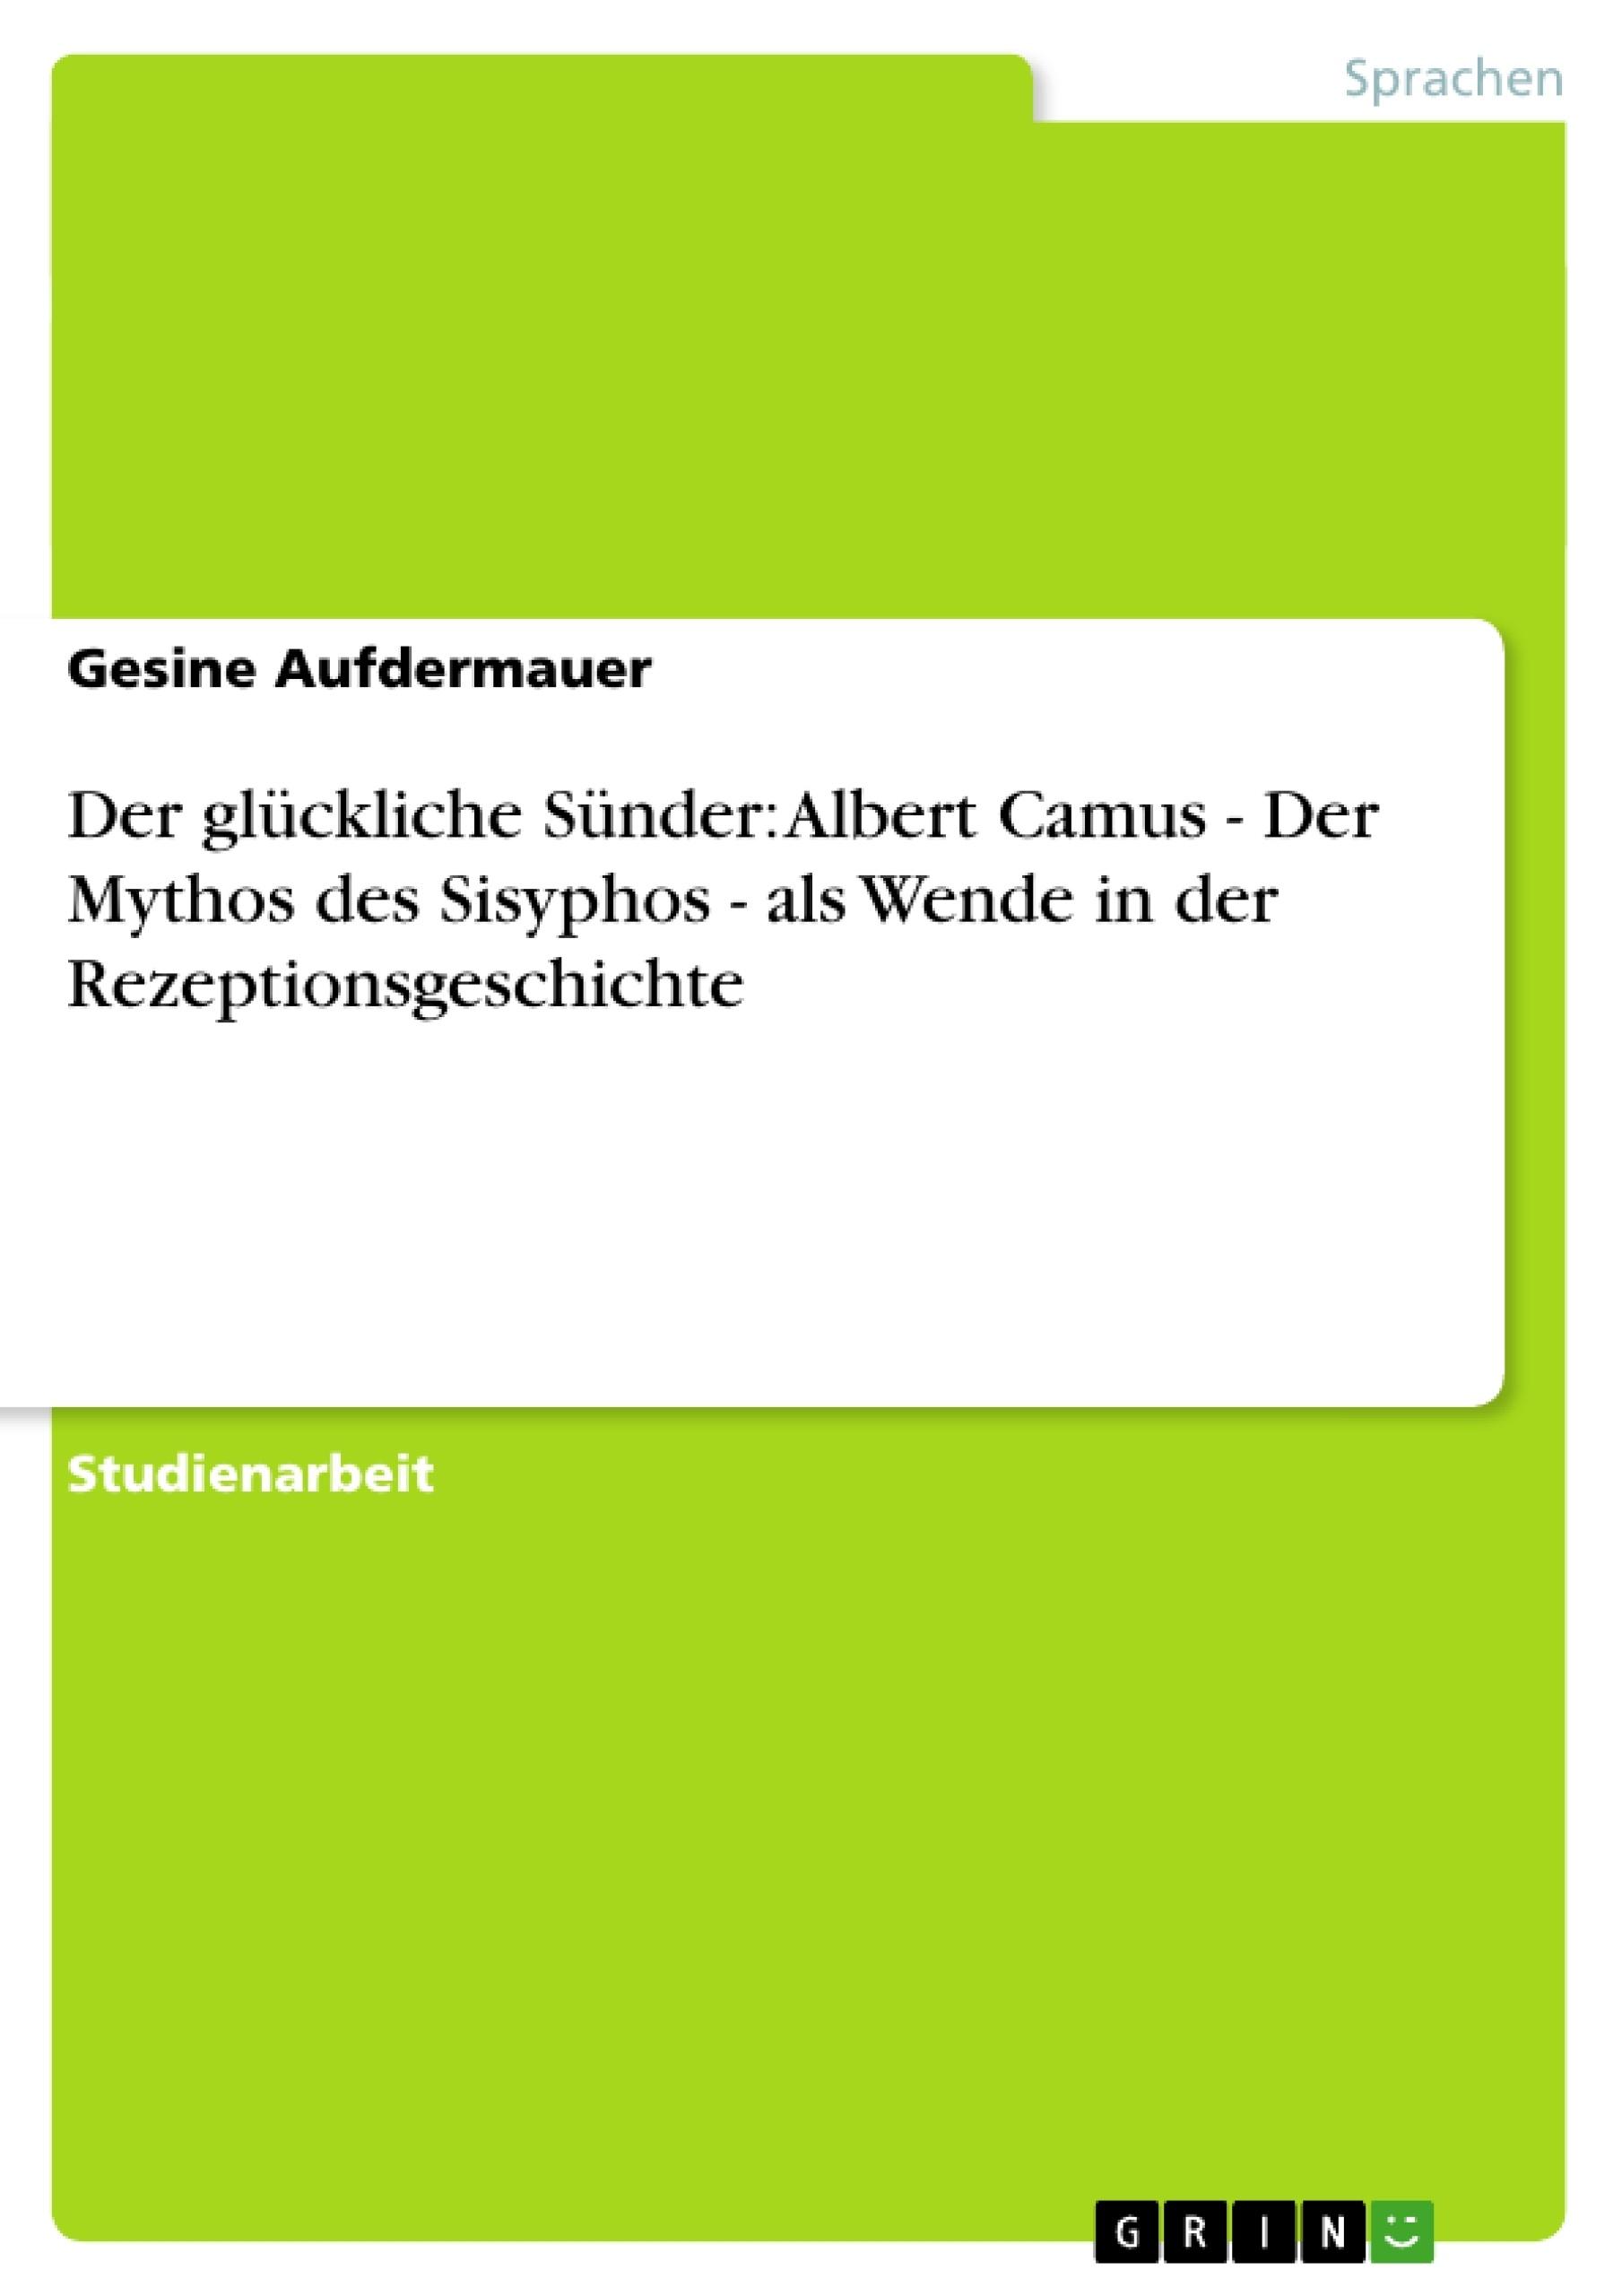 Titel: Der glückliche Sünder: Albert Camus - Der Mythos des Sisyphos - als Wende in der Rezeptionsgeschichte